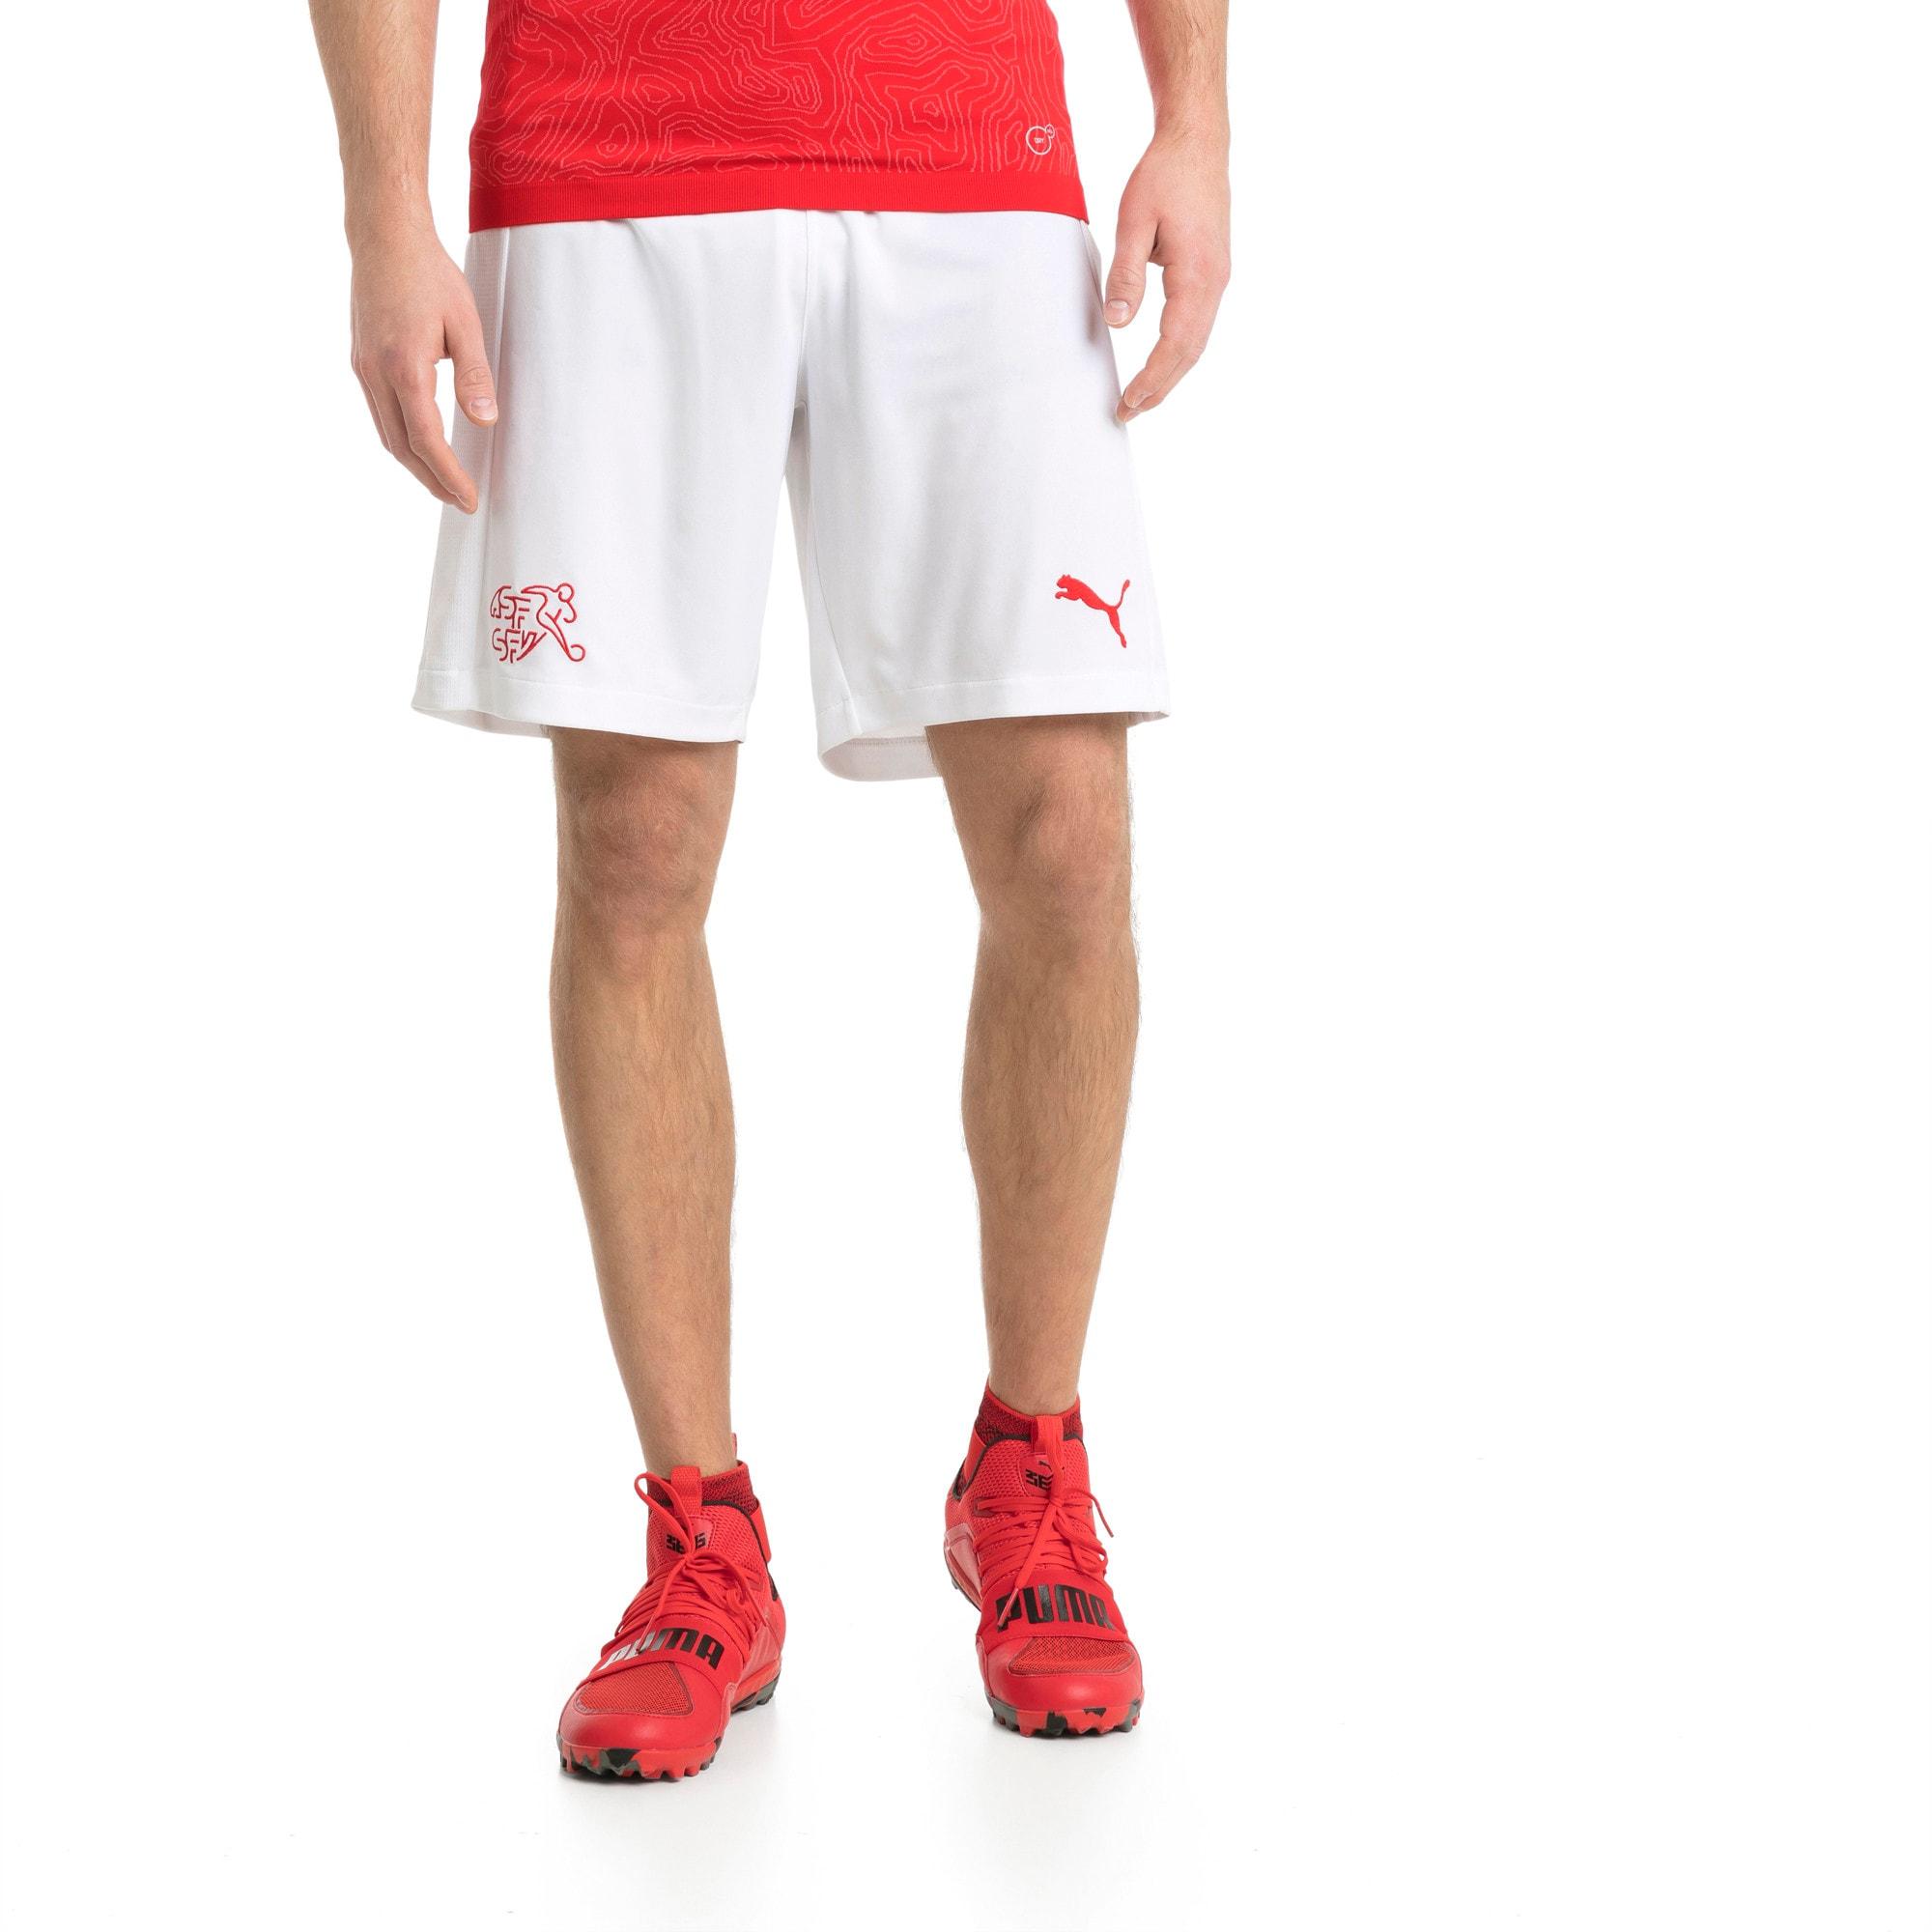 Thumbnail 1 of Switzerland Replica Shorts, Puma White, medium